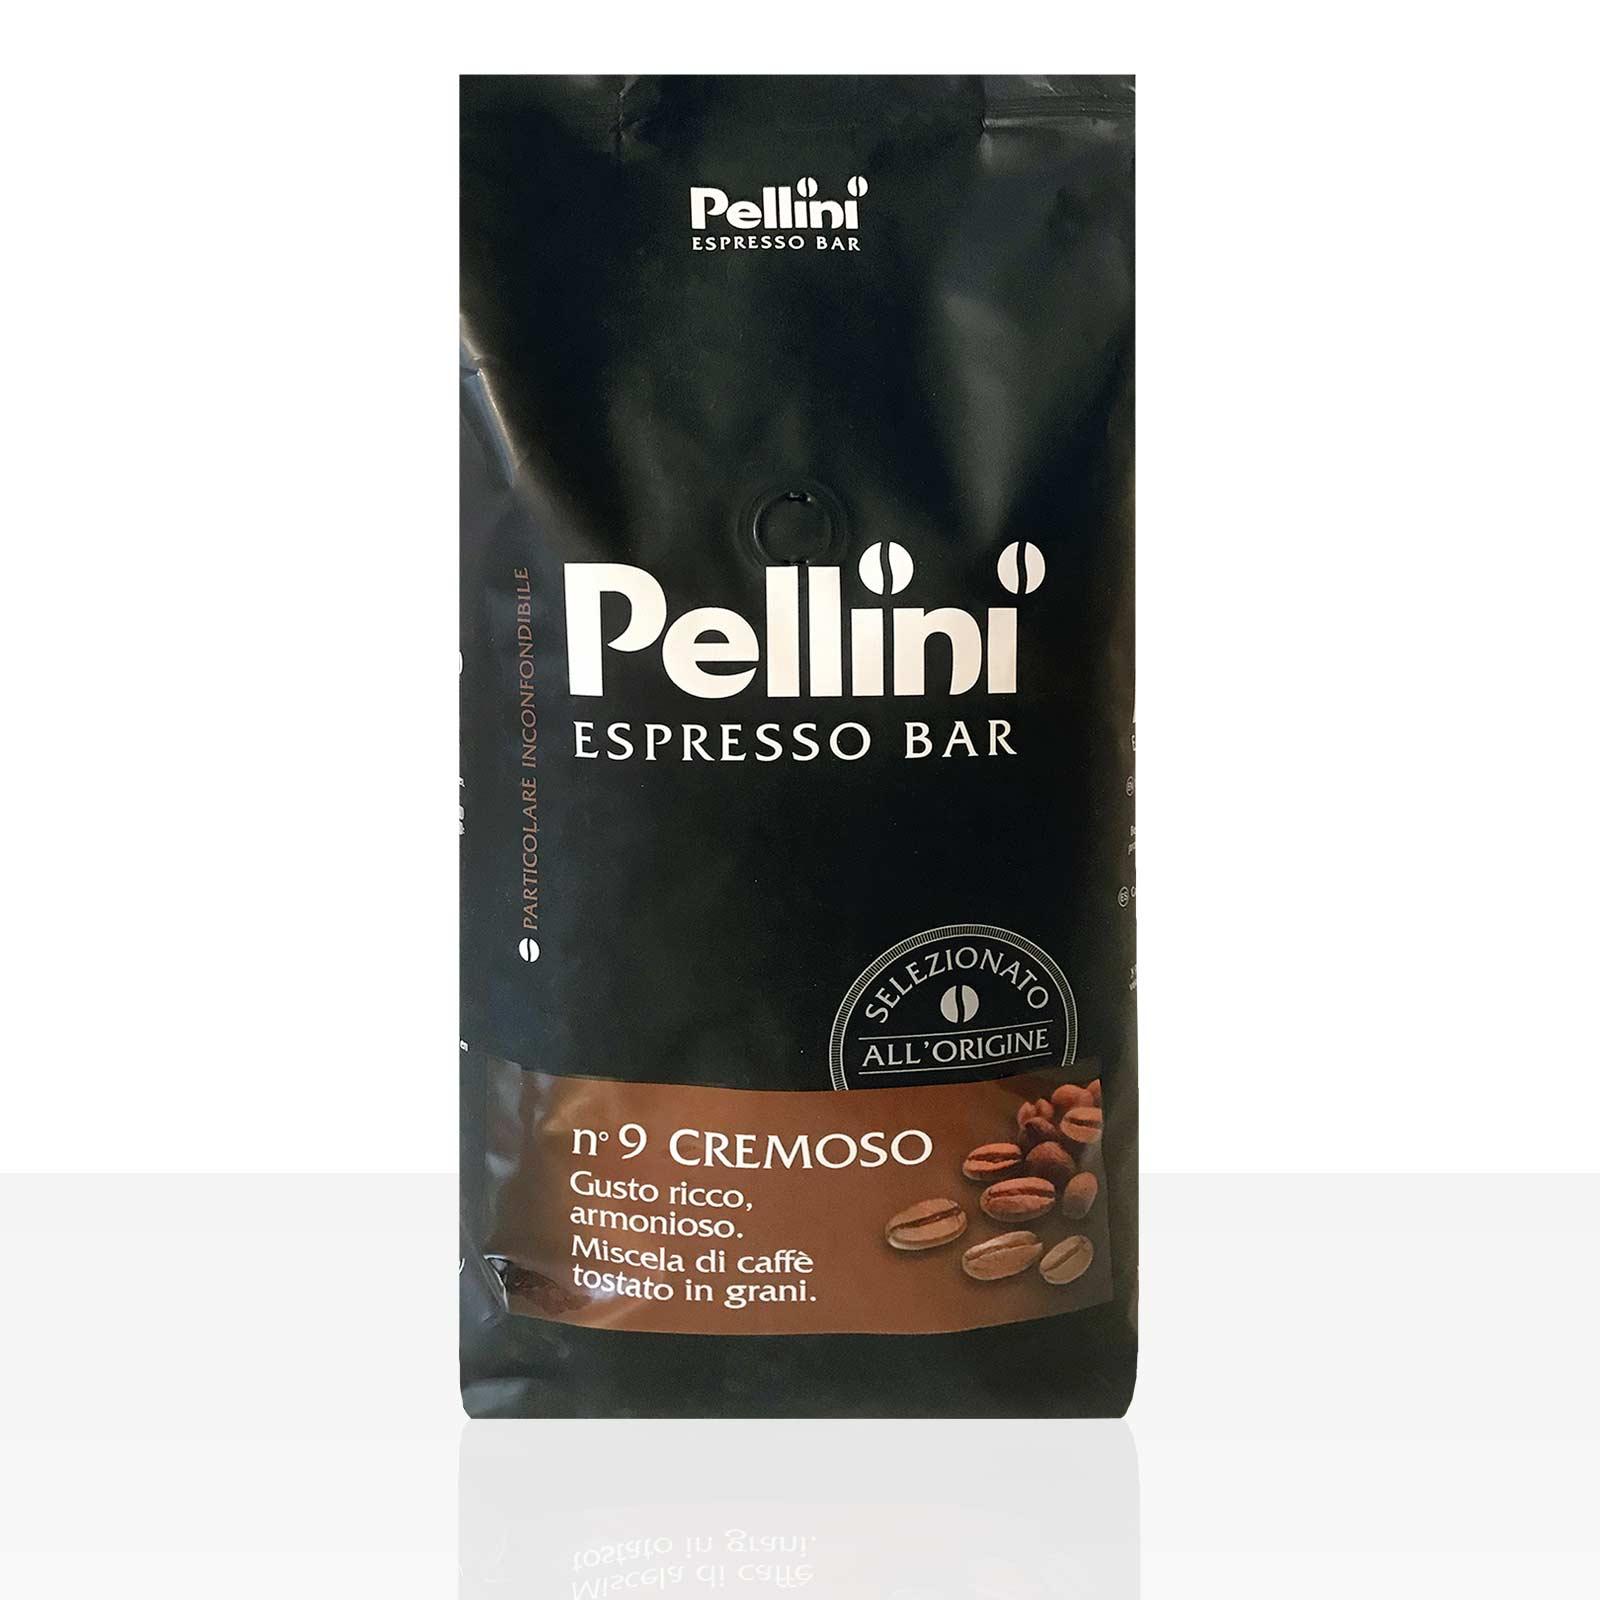 Pellini Espresso Bar N° 9 Cremoso 1kg Kaffee ganze Bohne